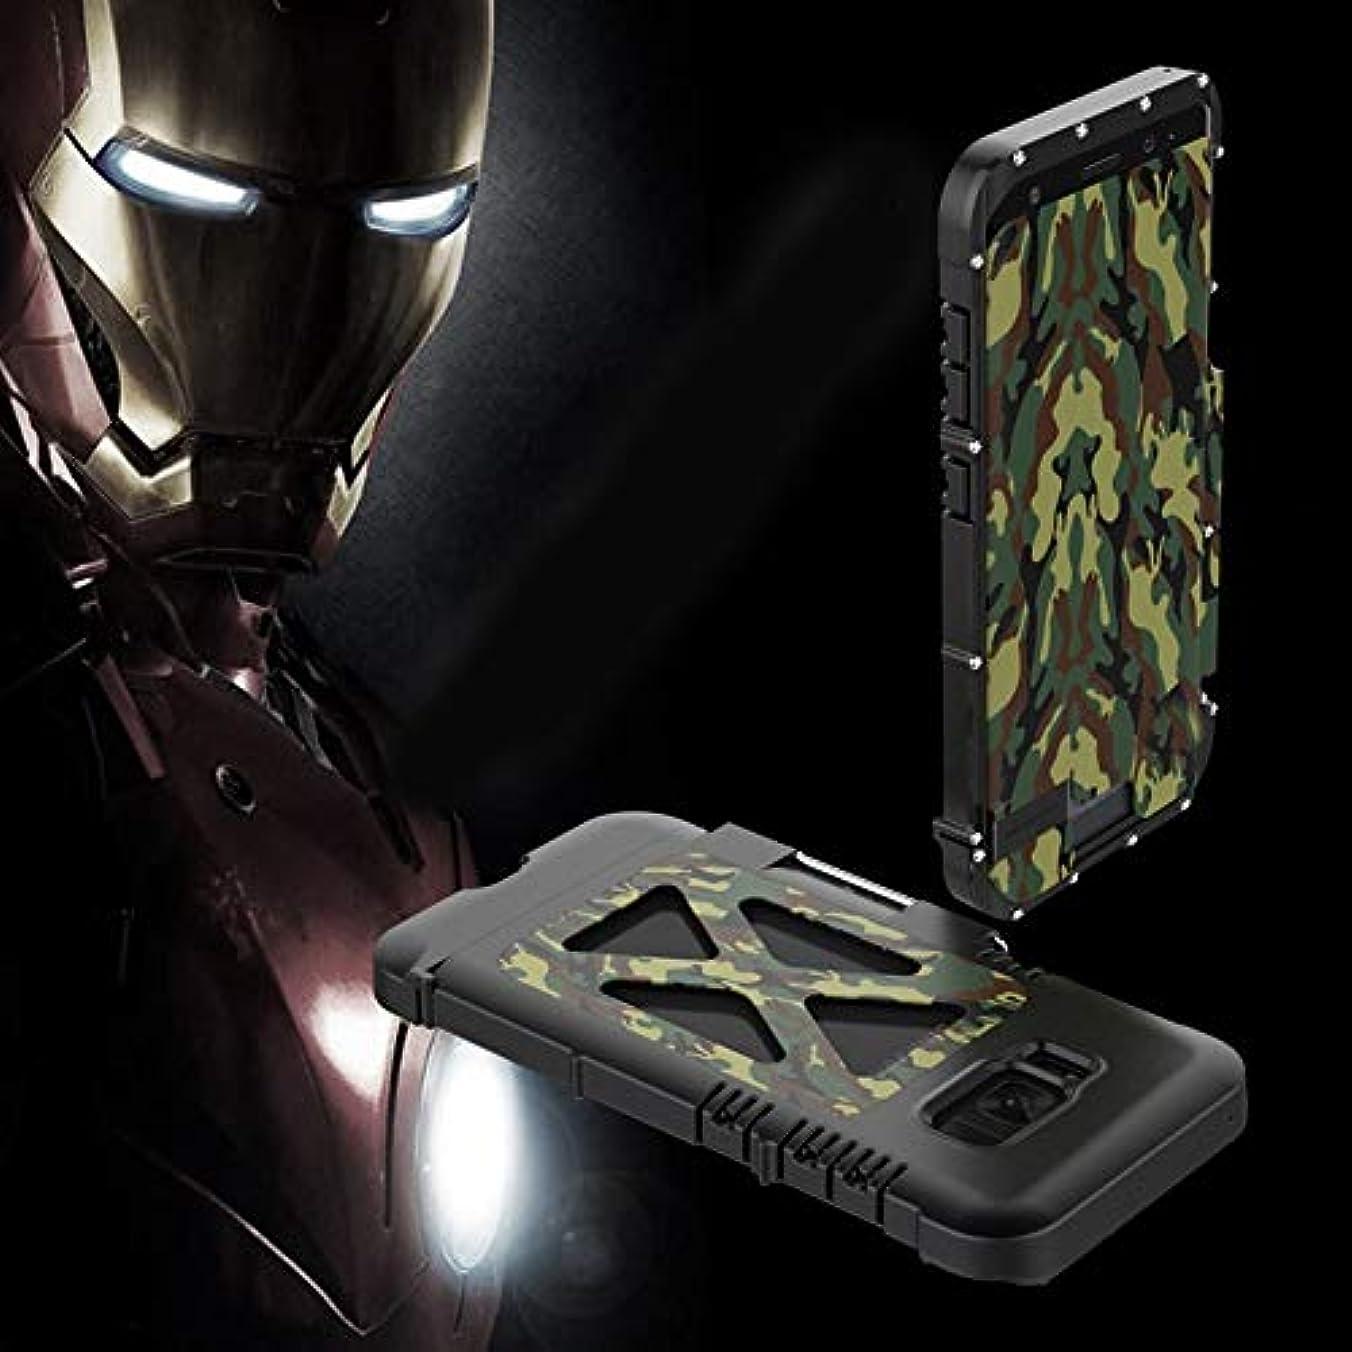 他にチョコレート国歌Tonglilili 携帯電話ケース、サムスンS5、S6、S6エッジ、S6エッジプラス、S7、S7エッジ、S8、S8、S9、S9用ブラケット落下防止クリエイティブスリーインワンメタルフリップアイアンマン保護携帯電話シェルホーンケースプラス (Color : CAMOUFLAGE, Edition : S9)